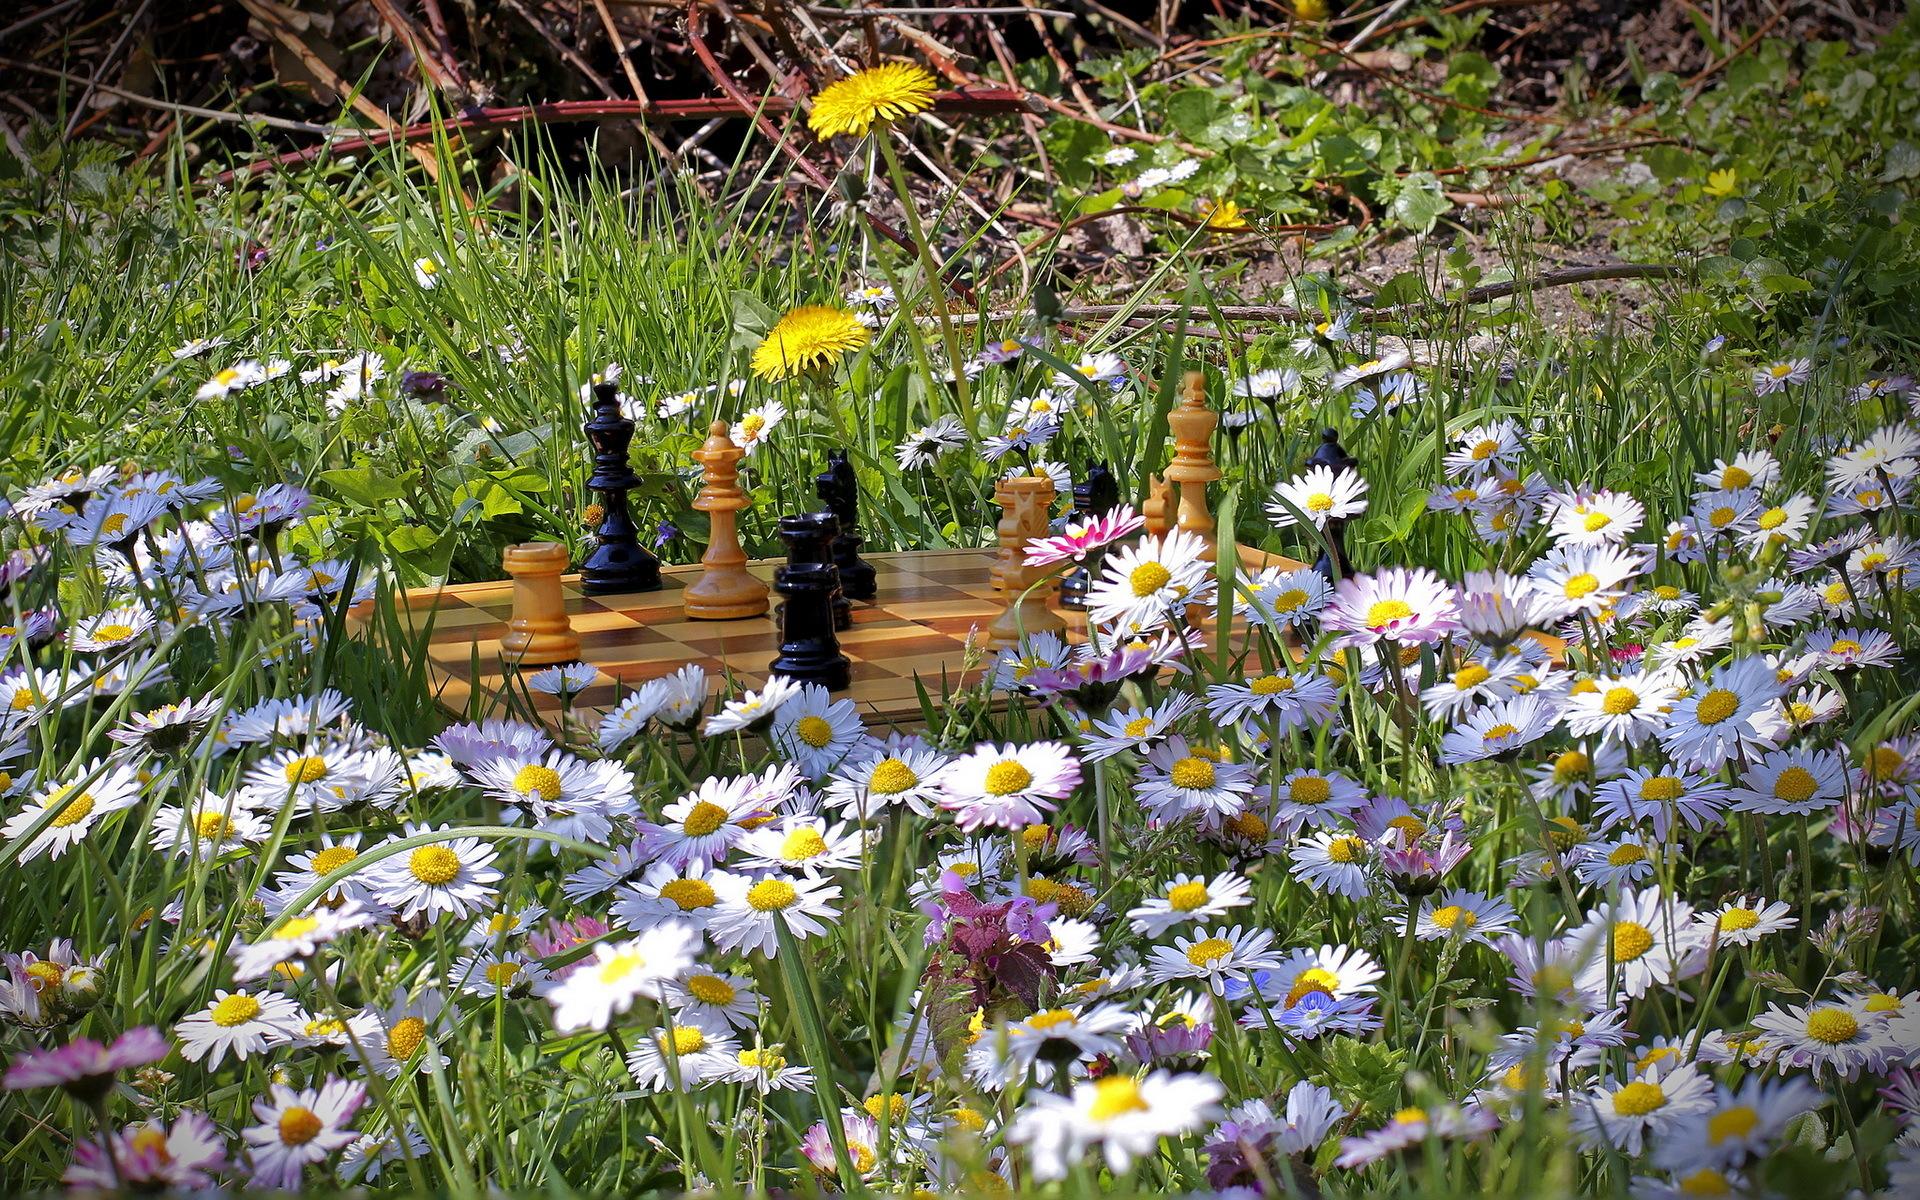 обои на рабочий стол лето вода природа лес цветы ромашки № 1962  скачать